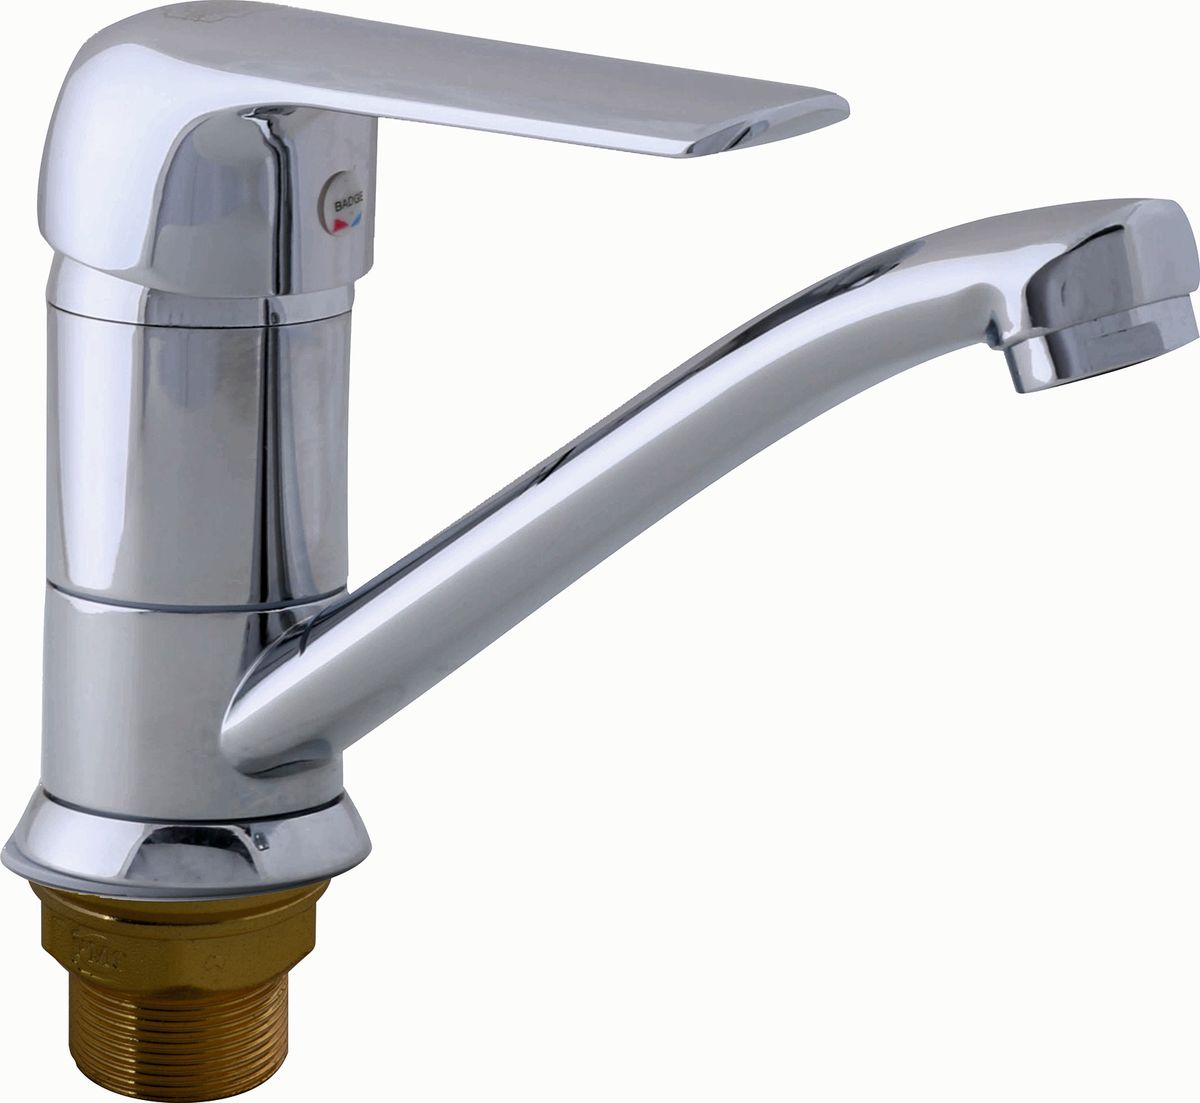 Смеситель для кухни РМС, с коротким поворотным изливом. SL84-004FBS-15. Цвет: хромSL84-004FBS-15Смеситель для кухни с коротким поворотным изливом. Картридж:керамический 35мм. Крепление:гайка. Аэратор:пластиковый. Покрытие:хром. В комплекте: гибкая подводкаОсобенности:- Крепление на гайке- Керамич.картридж 35мм- Аэратор пластиковый- Гибкая подводка